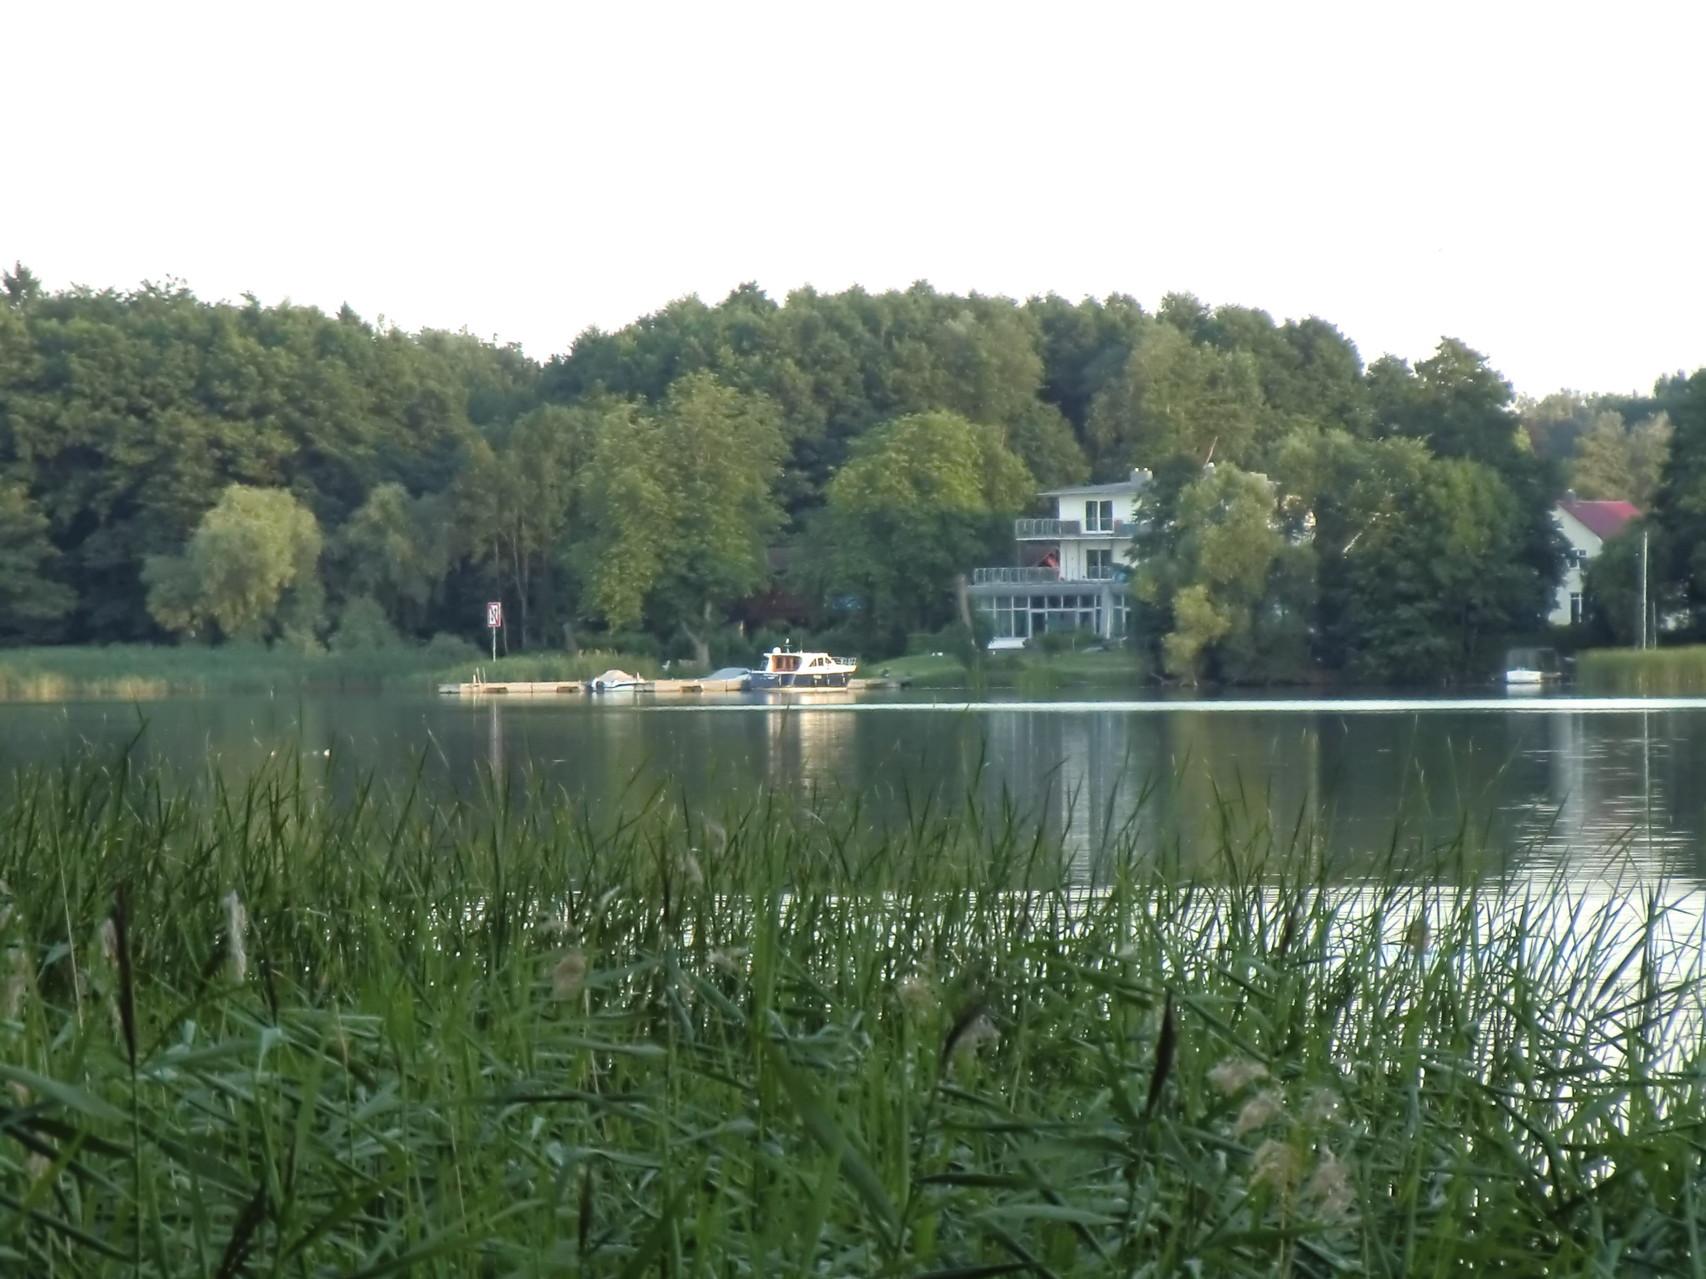 Wo das weiße Haus steht, lag unser Boot